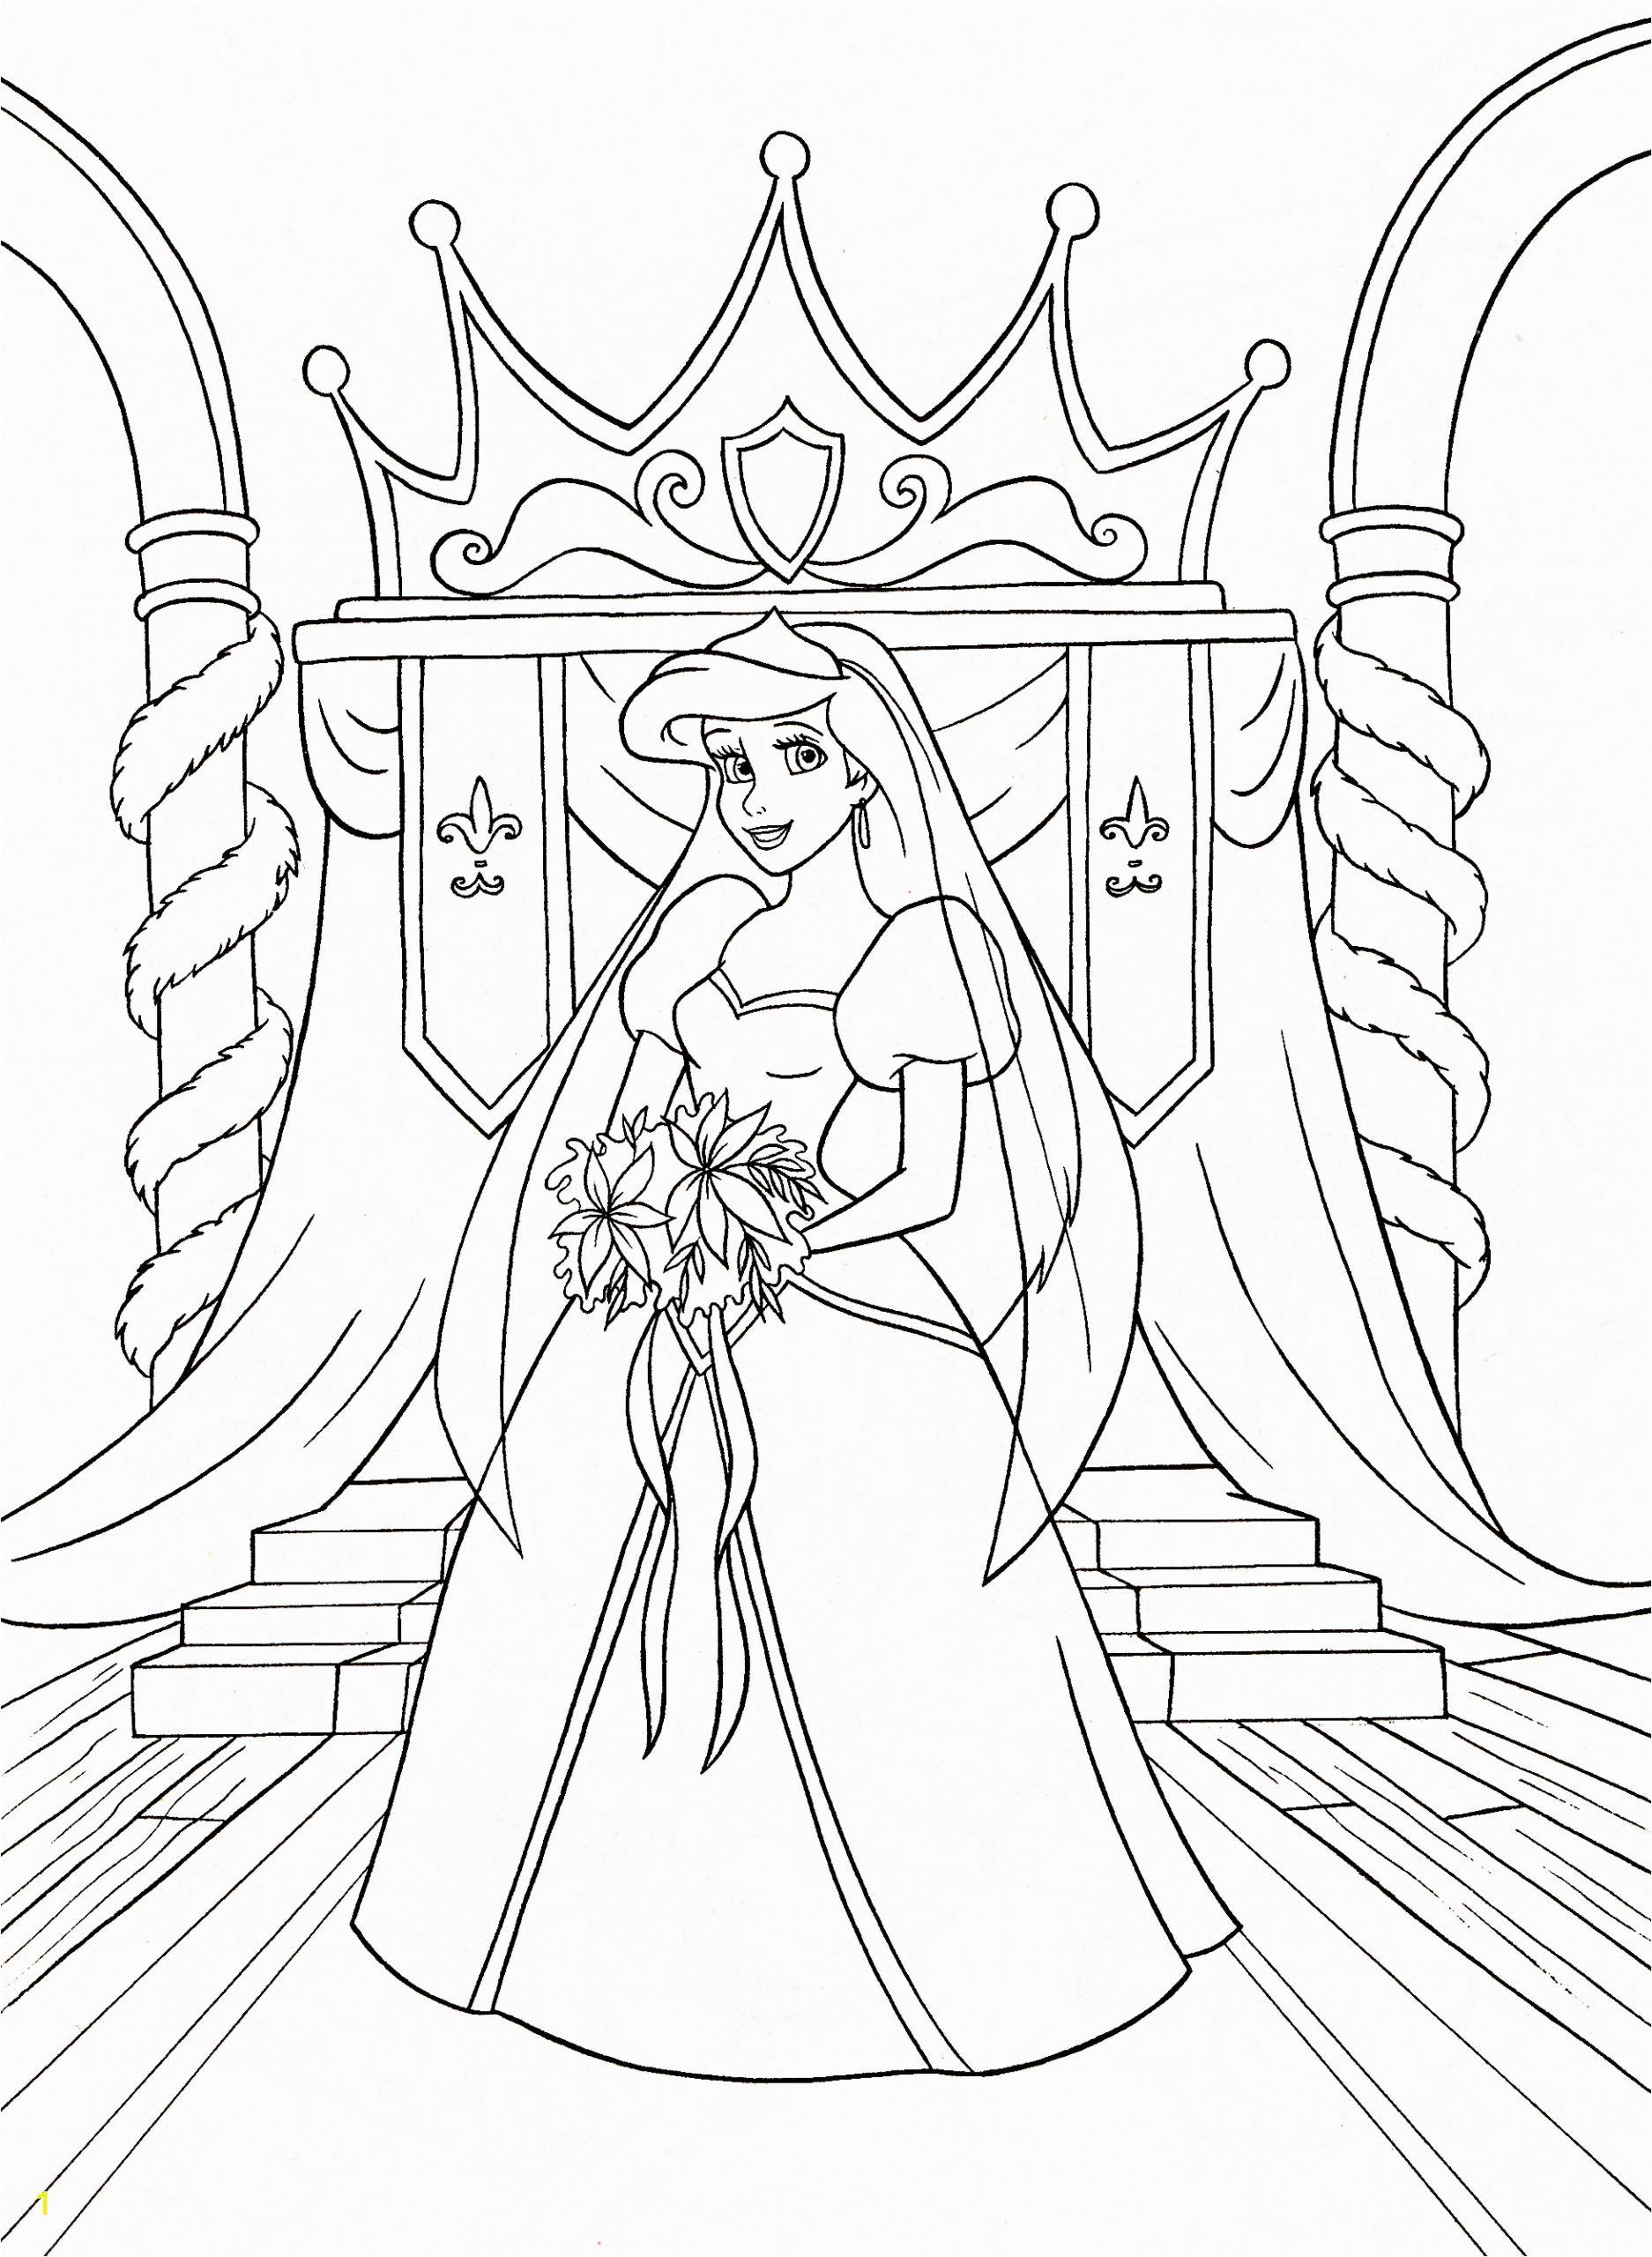 walt disney coloring pages princess ariel photo